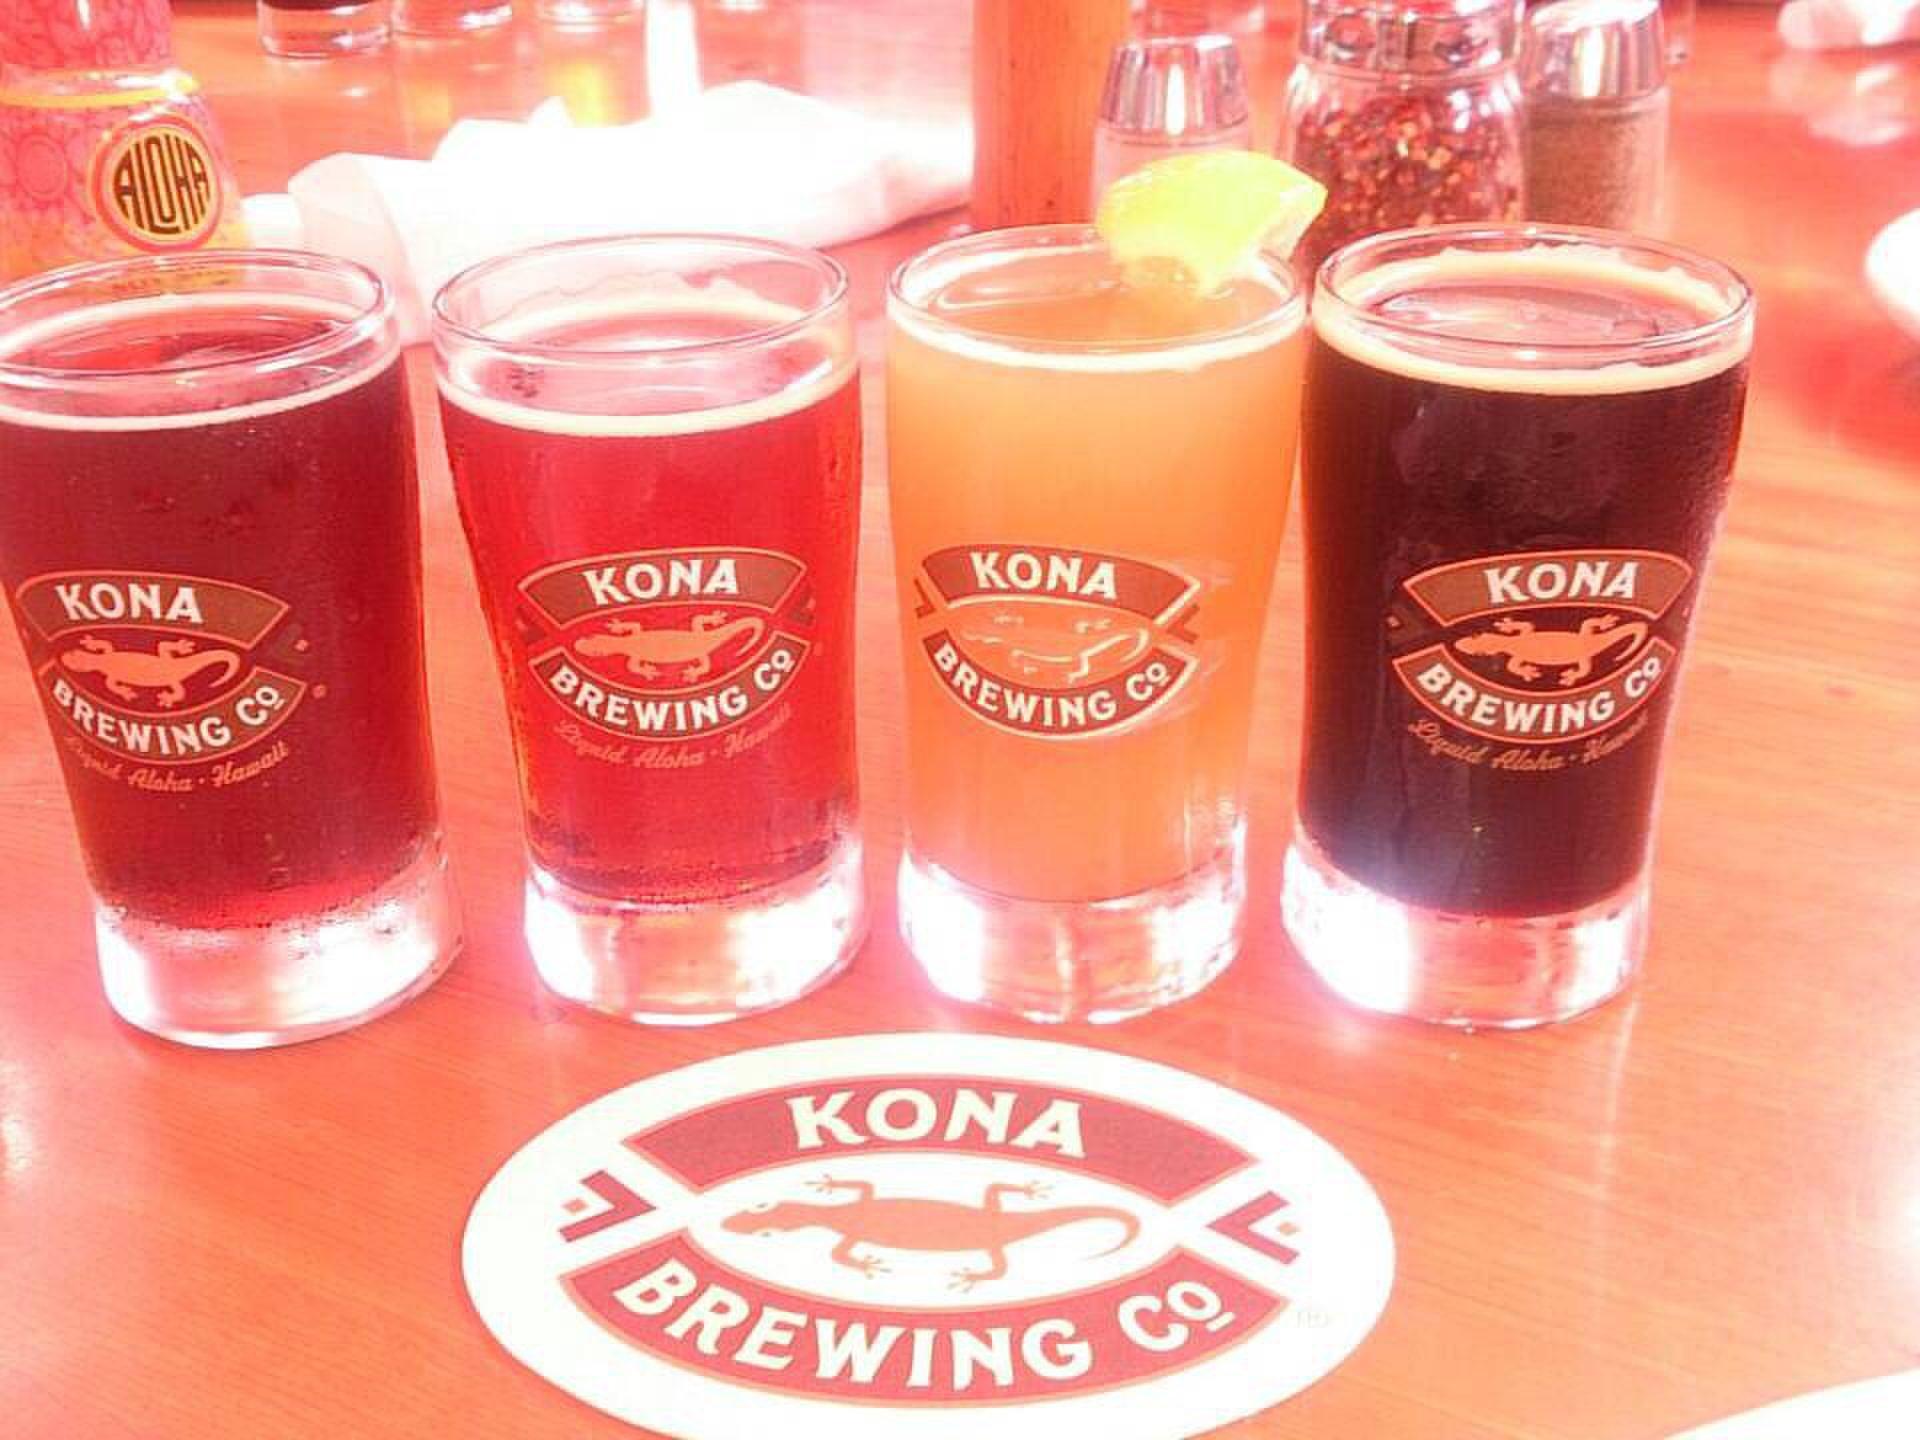 ハワイ島のコナで飲める絶品地ビール! コナビールが飲めるレストランバーに行ってみた